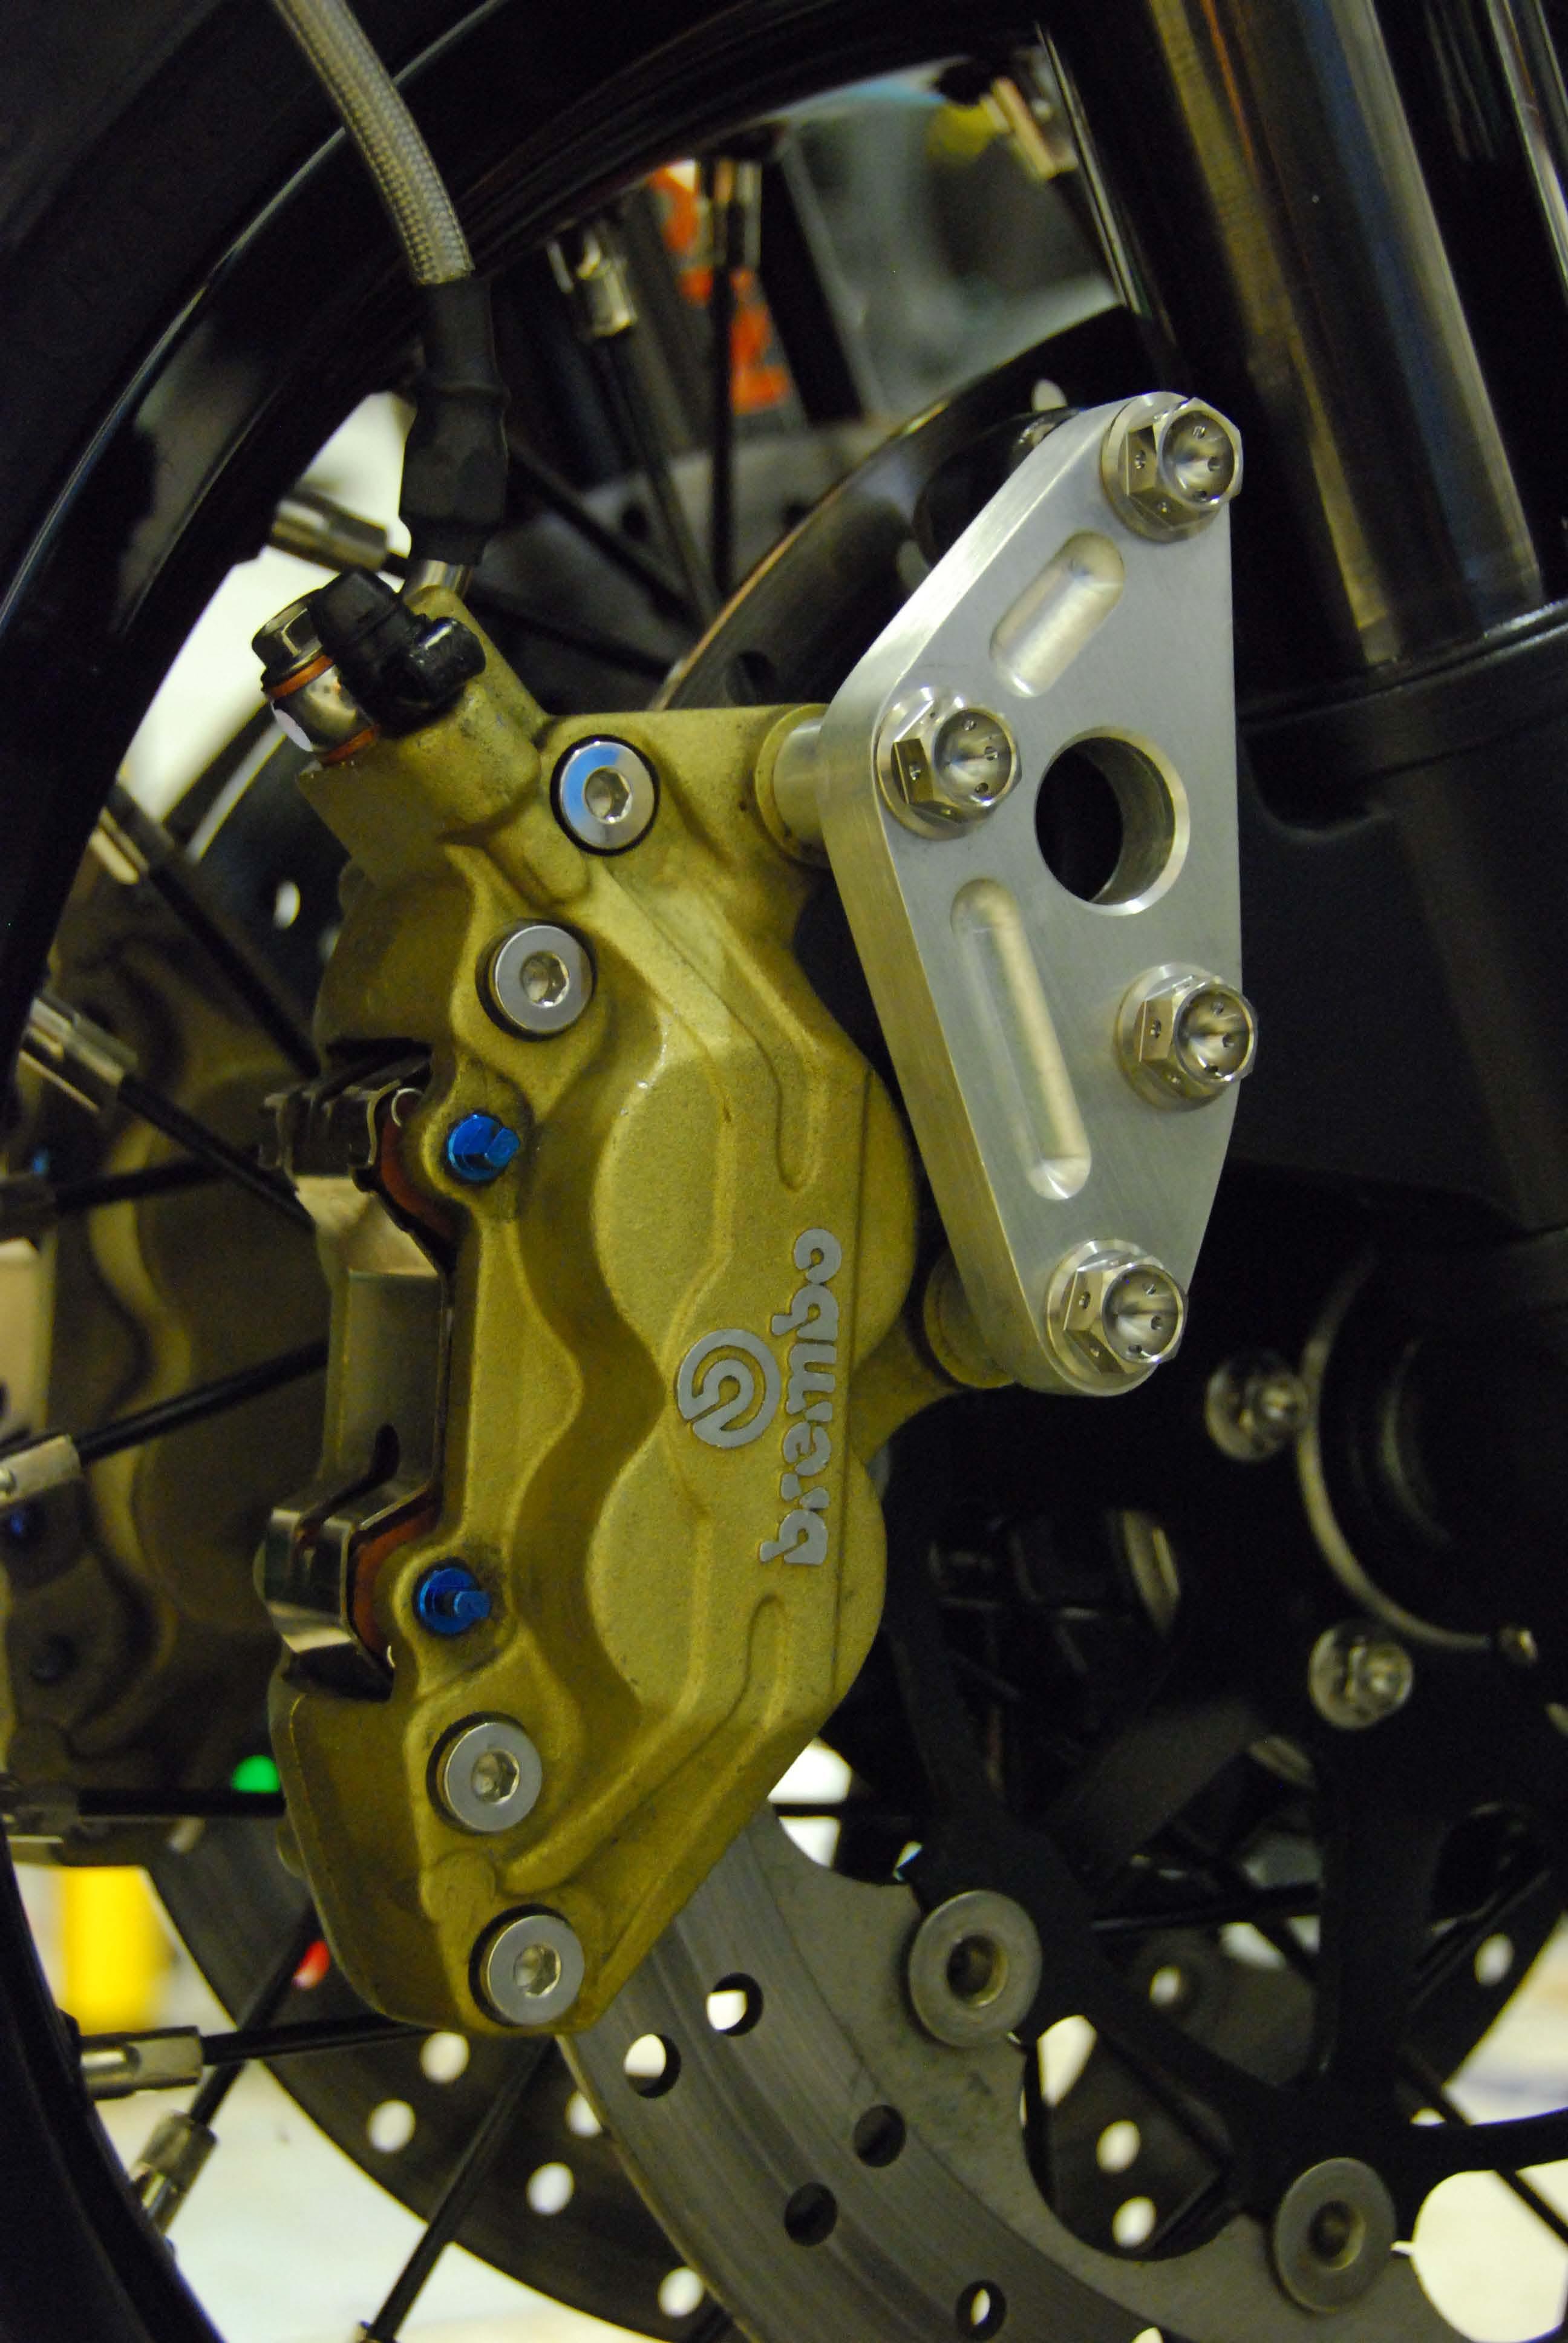 Brembo Brake Kit >> Brembo 4-piston / 2 pad caliper conversion upgrade - Page 4 - Ducati.ms - The Ultimate Ducati Forum